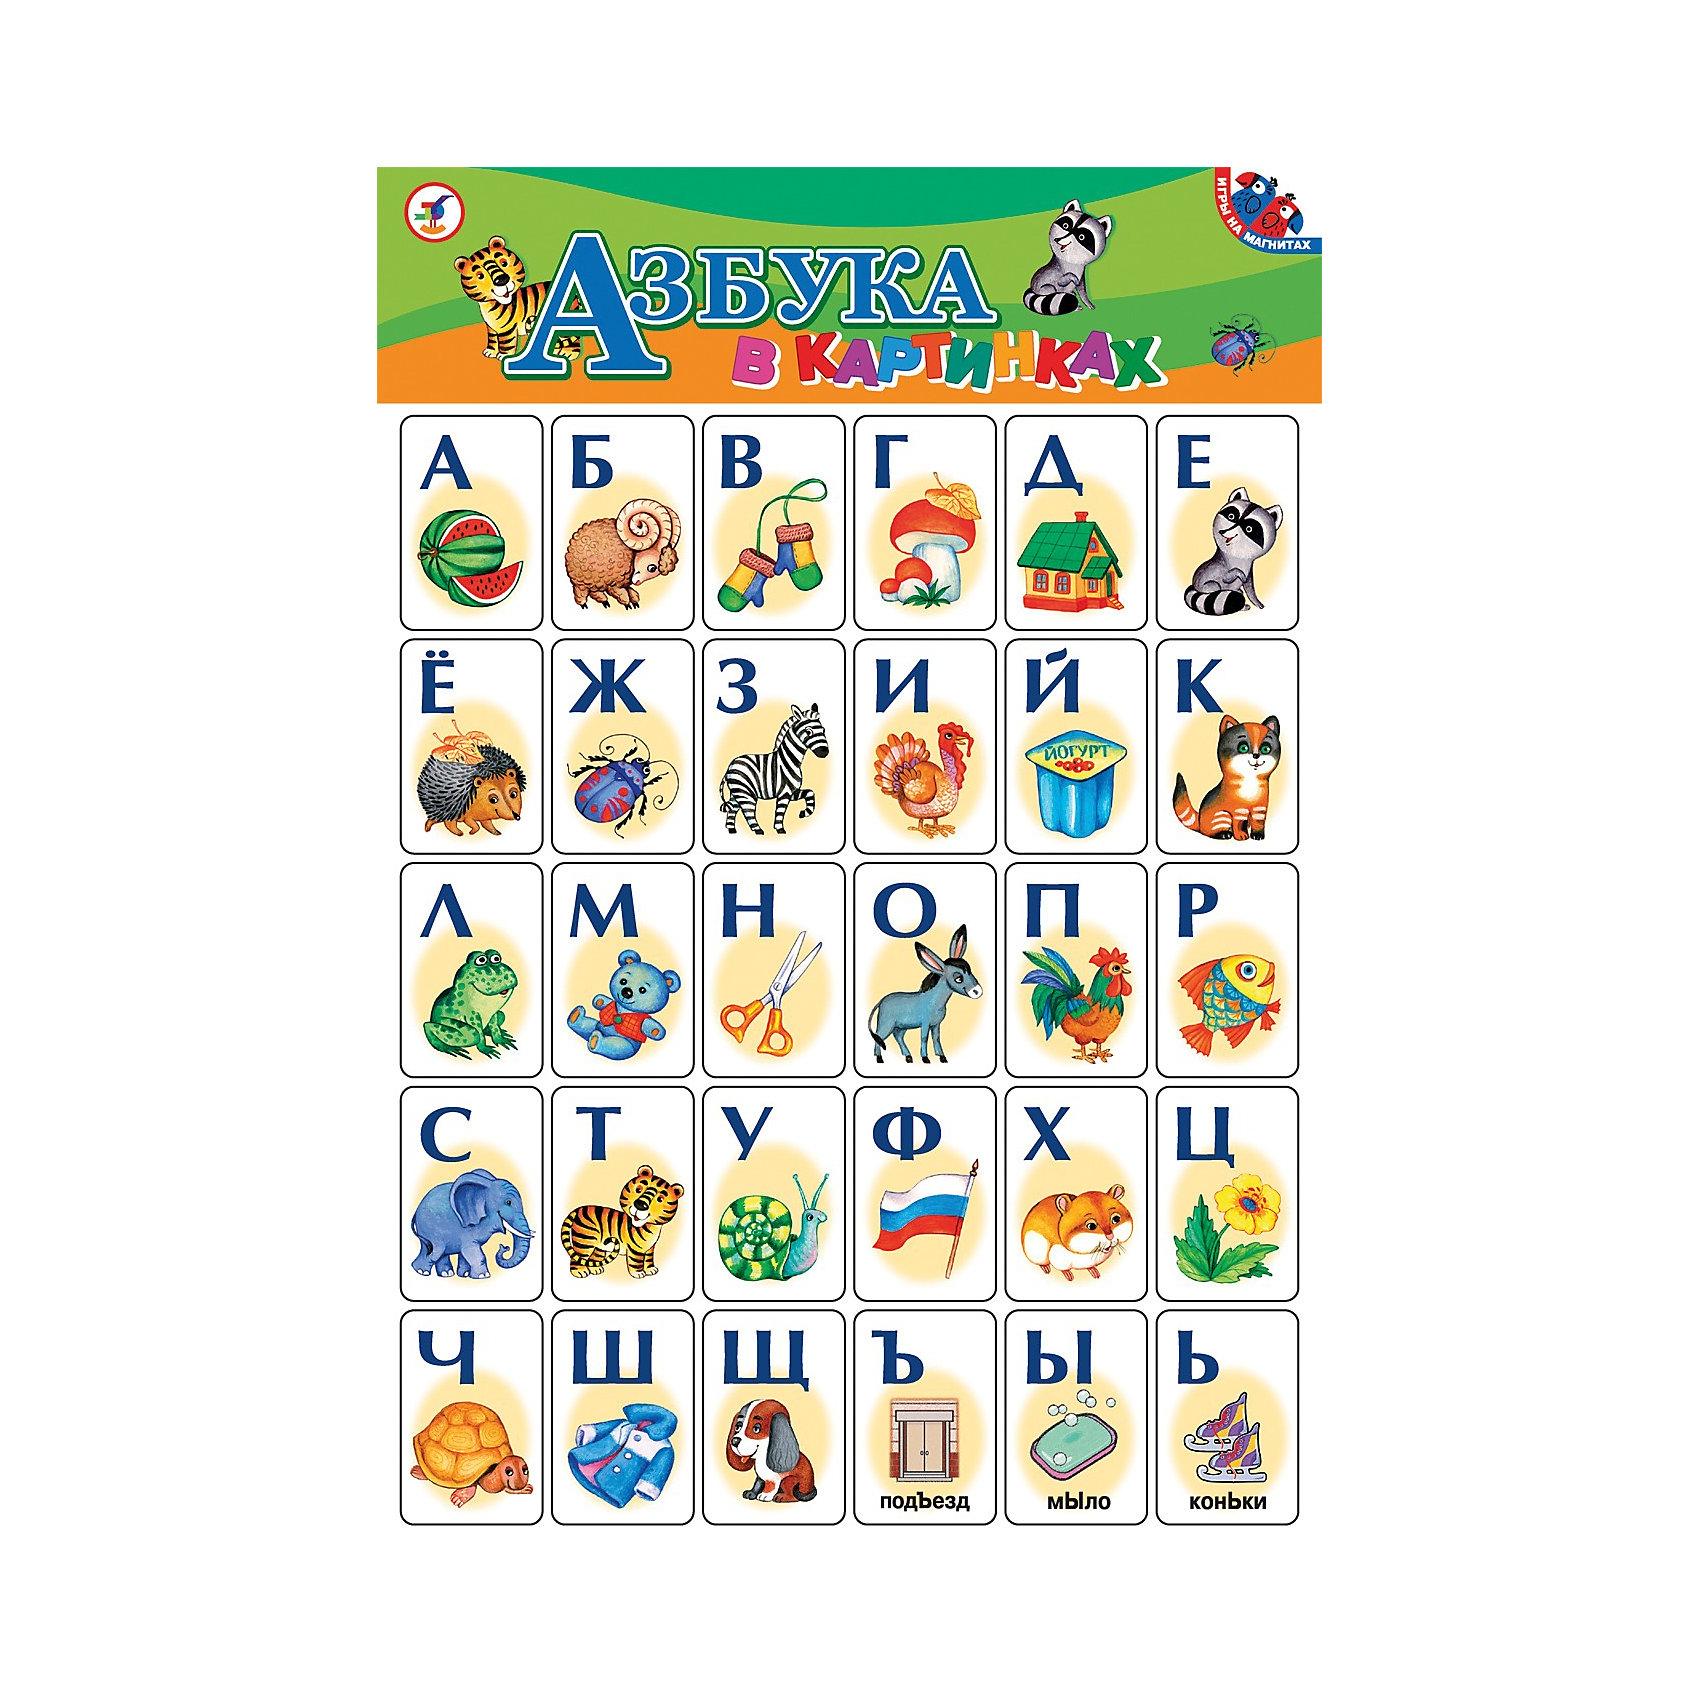 Магнитная азбука в картинках, Дрофа-МедиаКасса букв<br>Карточки на магнитах прекрасно подходят для обучения и развития детей как дома, так и в детском саду или школе. <br><br>Прикрепляя карточки в желаемом порядке на стенке холодильника или на металлографе, ребенок получит знания и навыки, необходимые в дошкольном и младшем школьном возрасте.<br><br>Дополнительная информация:<br><br>Размер упаковки: 36 х 28 см.<br>Размер карточки: 4,5 х 6,8 см. <br><br>Материал: плотный картон, магнит. <br><br>Азбука в картинках поможет Вашему ребёнку научиться читать и пополнить словарный запас.<br><br>Ширина мм: 290<br>Глубина мм: 2<br>Высота мм: 360<br>Вес г: 175<br>Возраст от месяцев: 60<br>Возраст до месяцев: 84<br>Пол: Унисекс<br>Возраст: Детский<br>SKU: 2281439